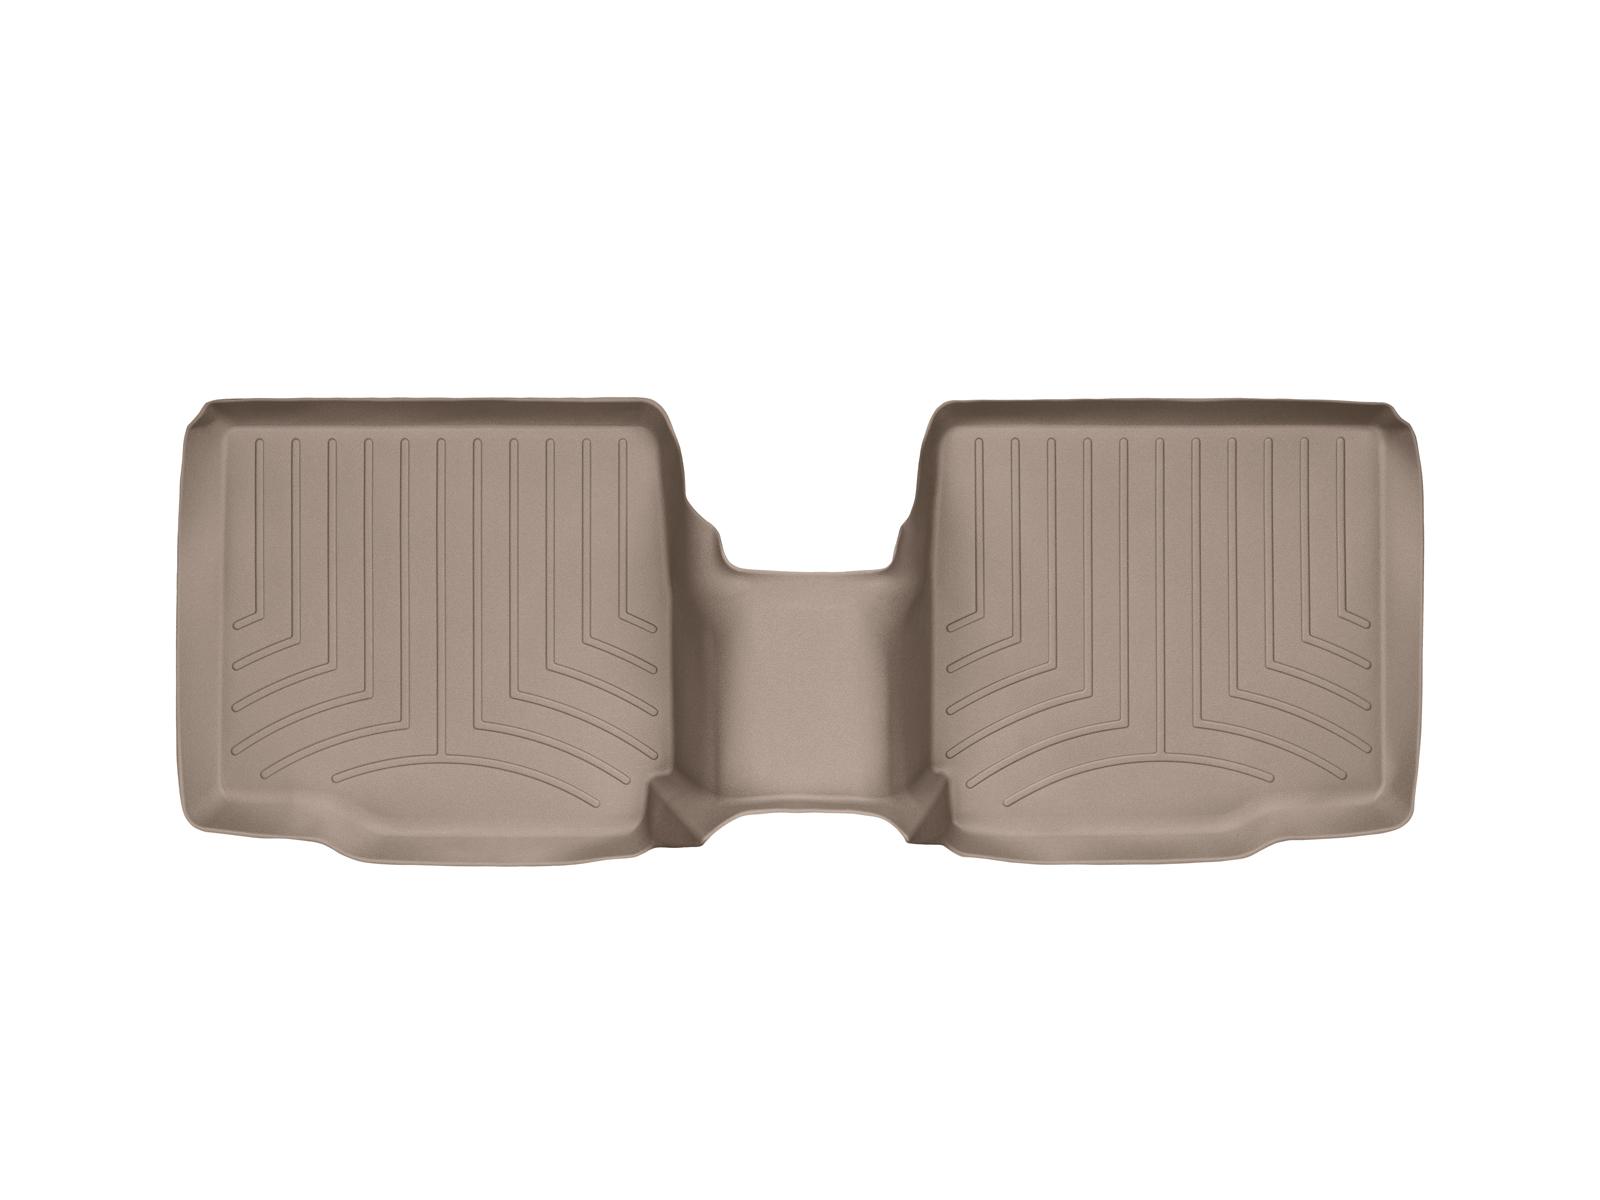 Tappeti gomma su misura bordo alto Ford Explorer 11>17 Marrone A873*